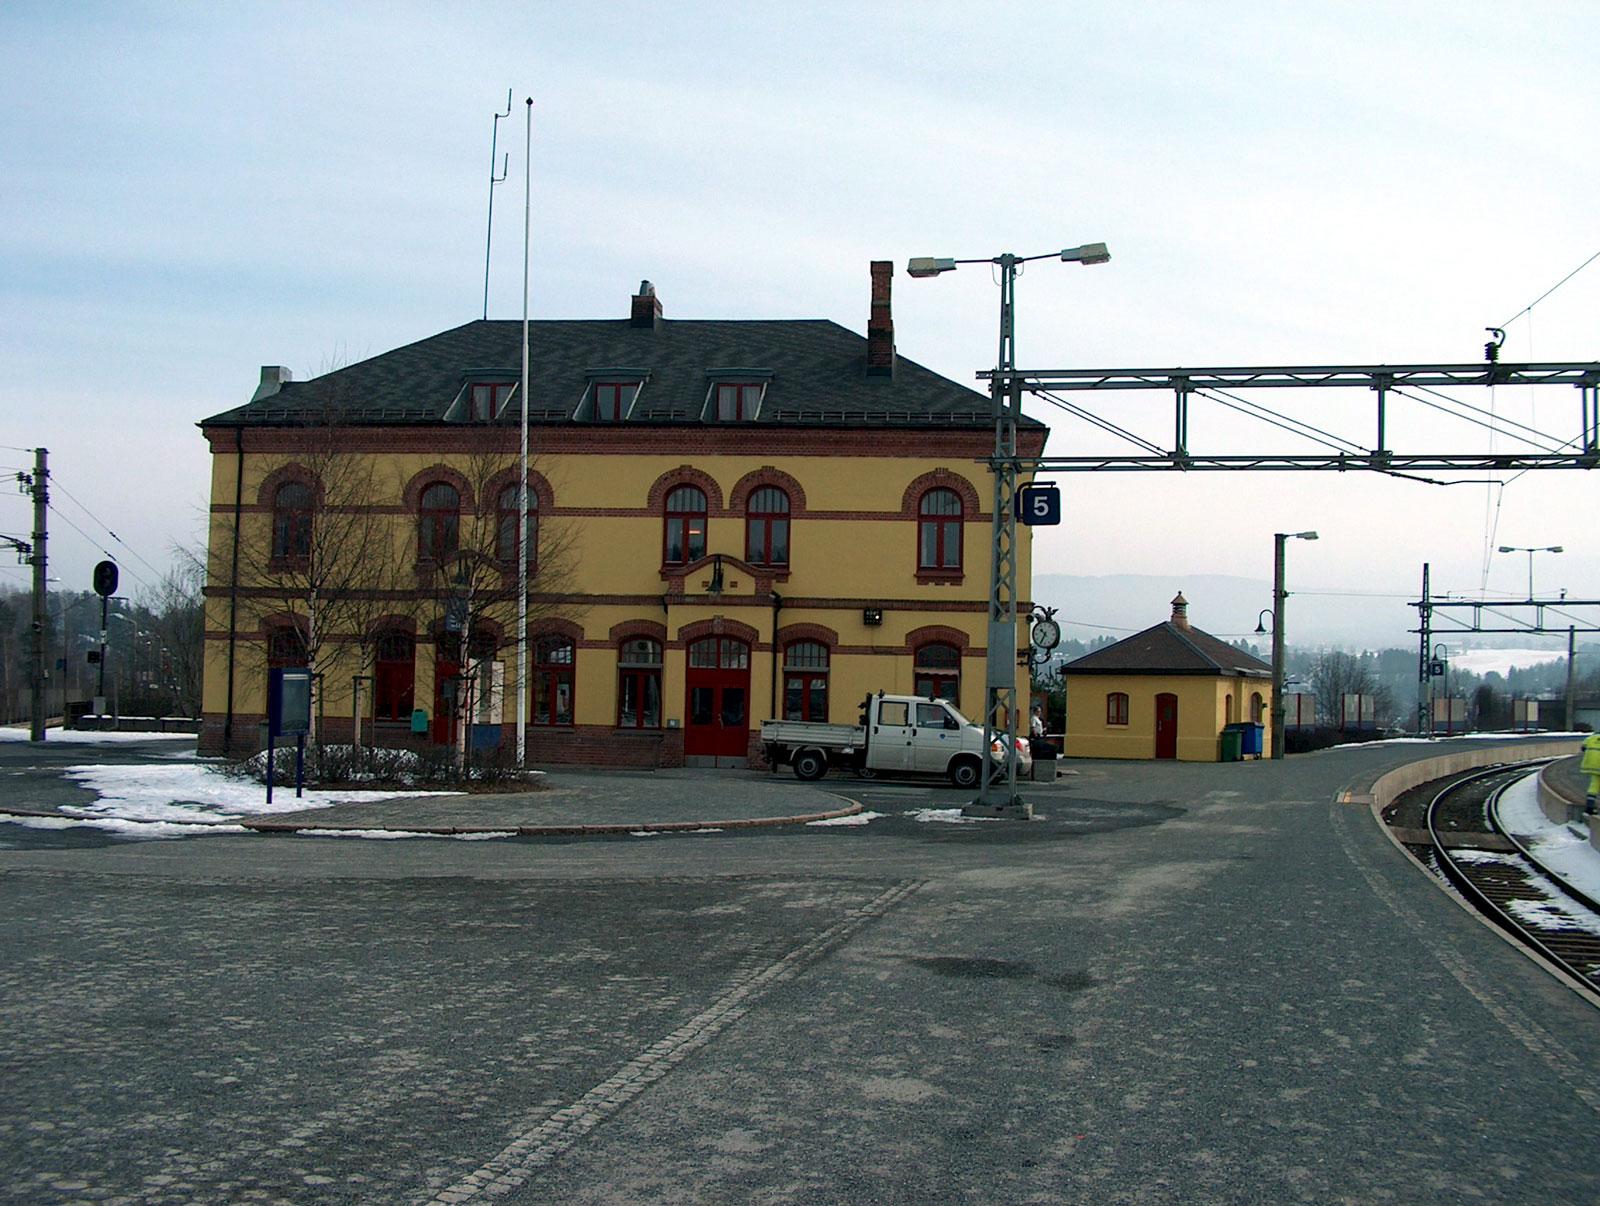 Ringerike Line